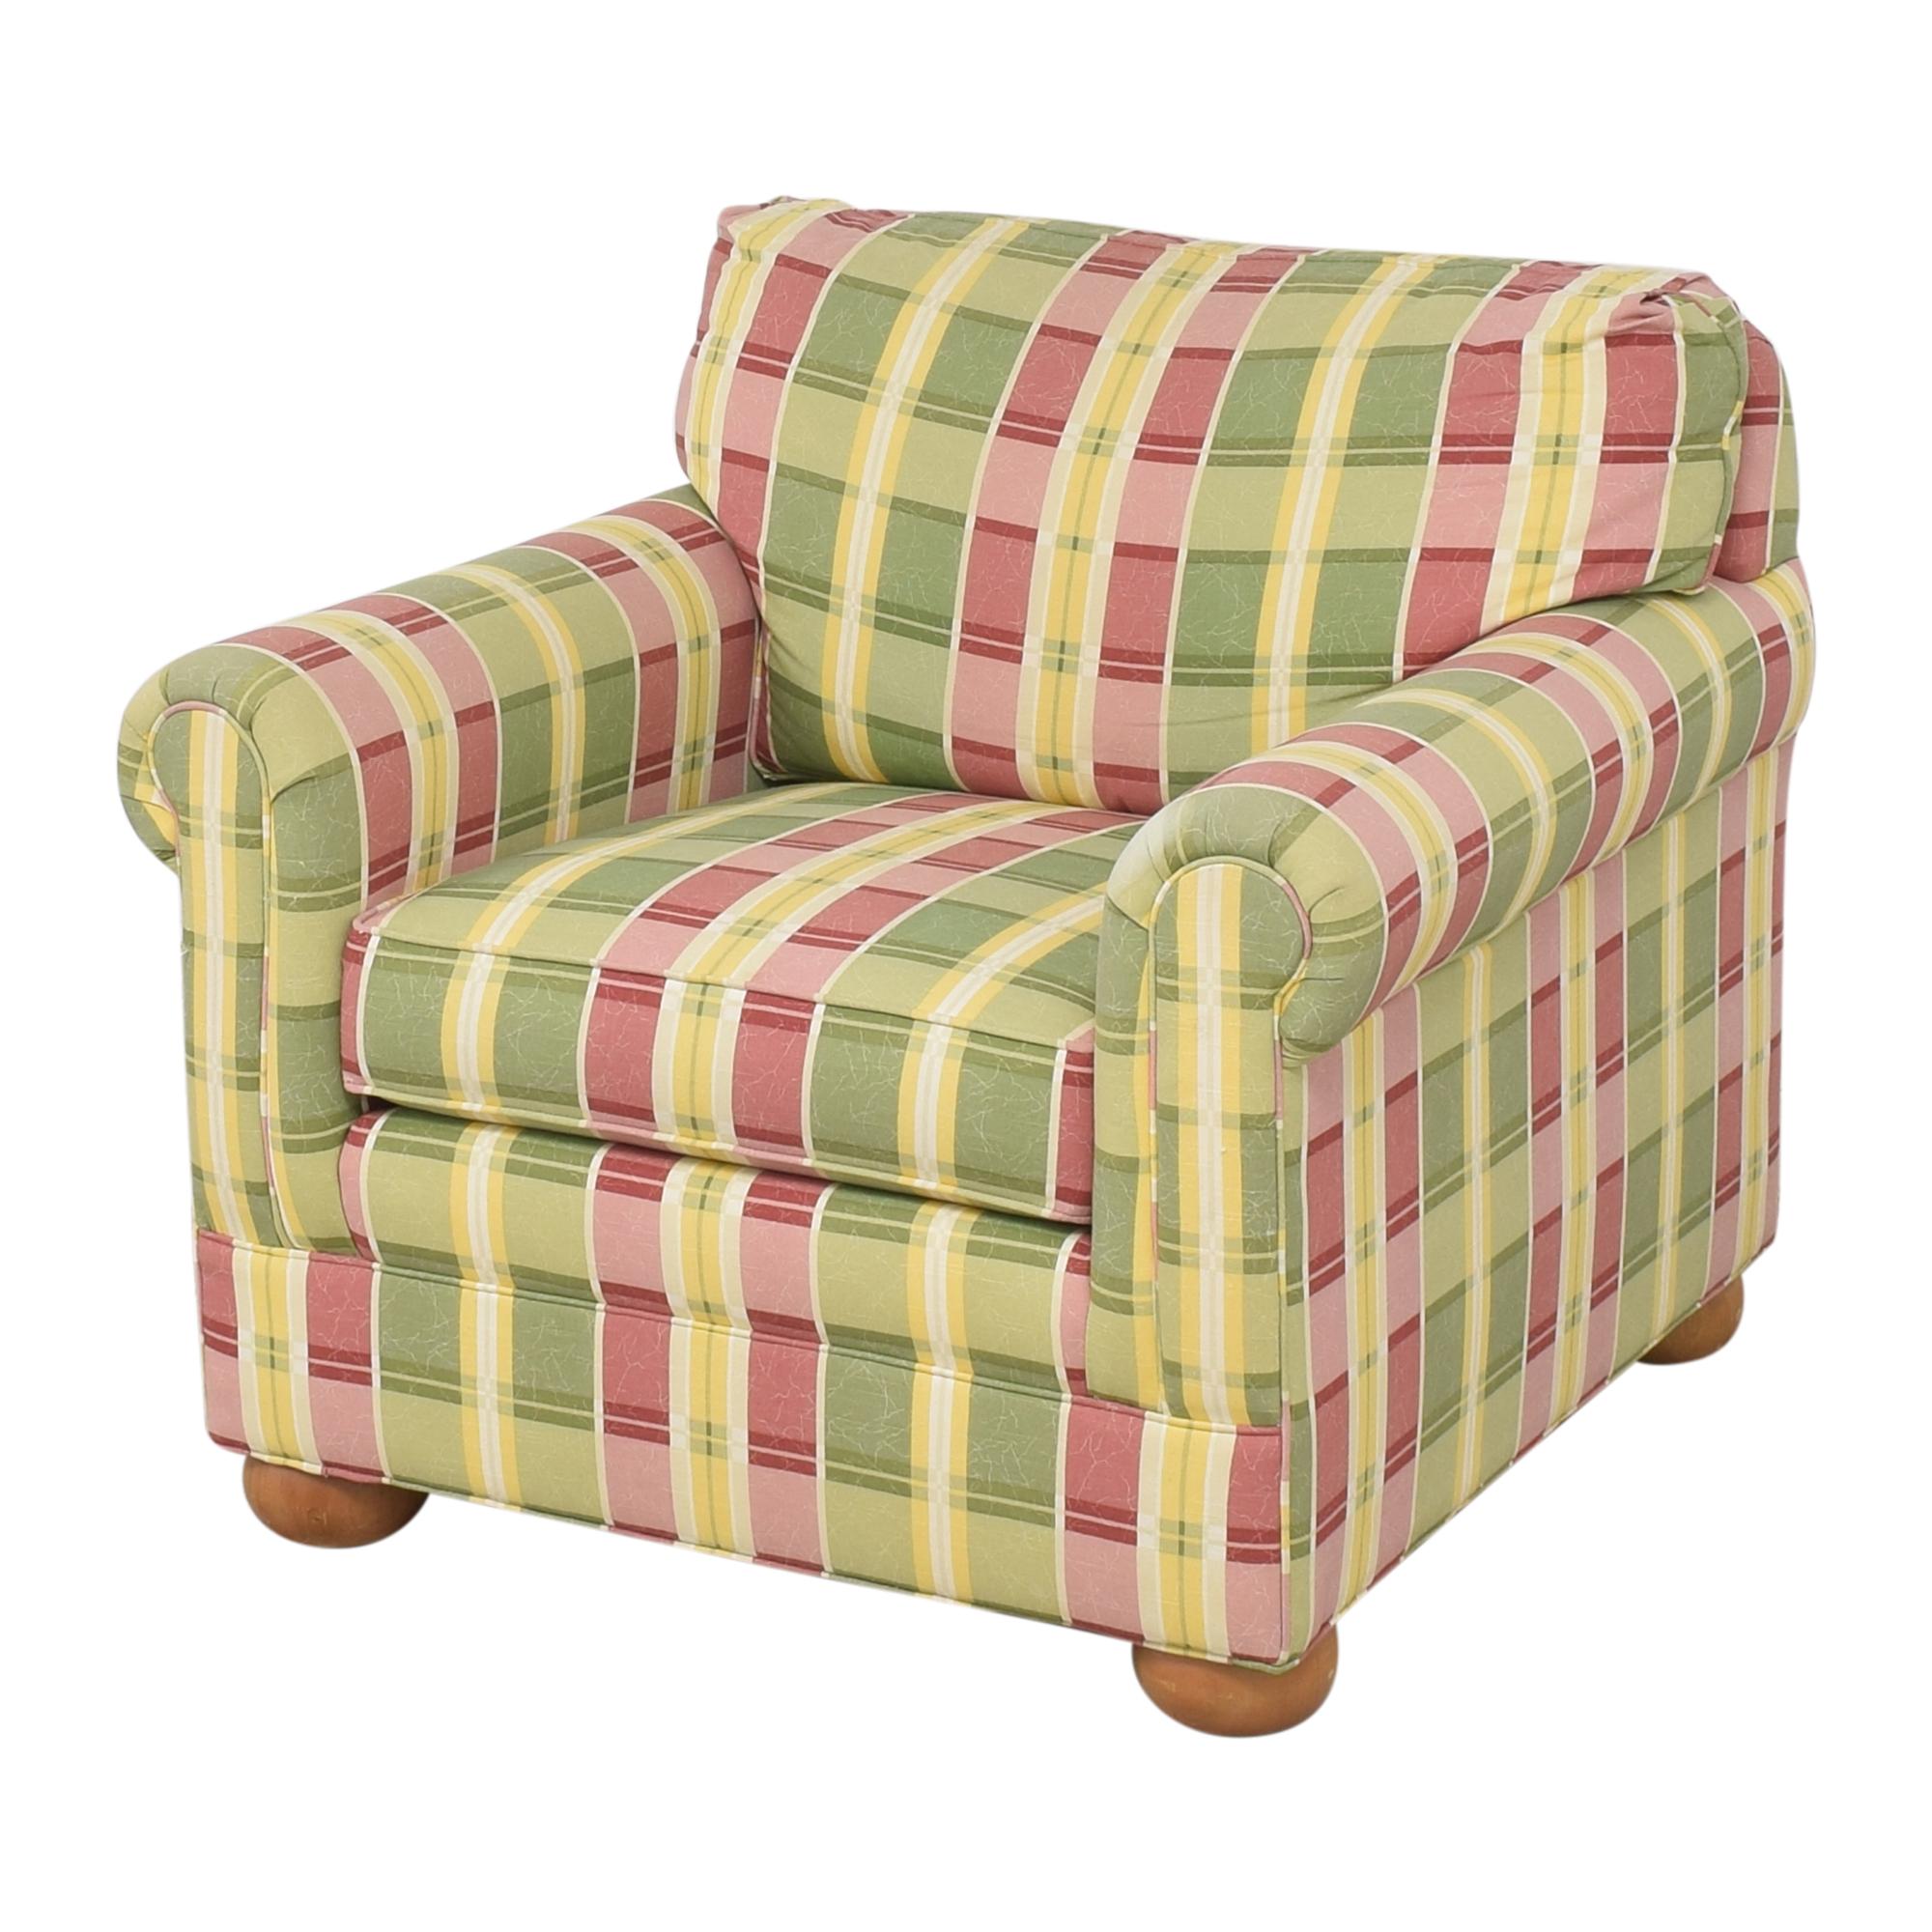 Ethan Allen Ethan Allen Plaid Club Chair